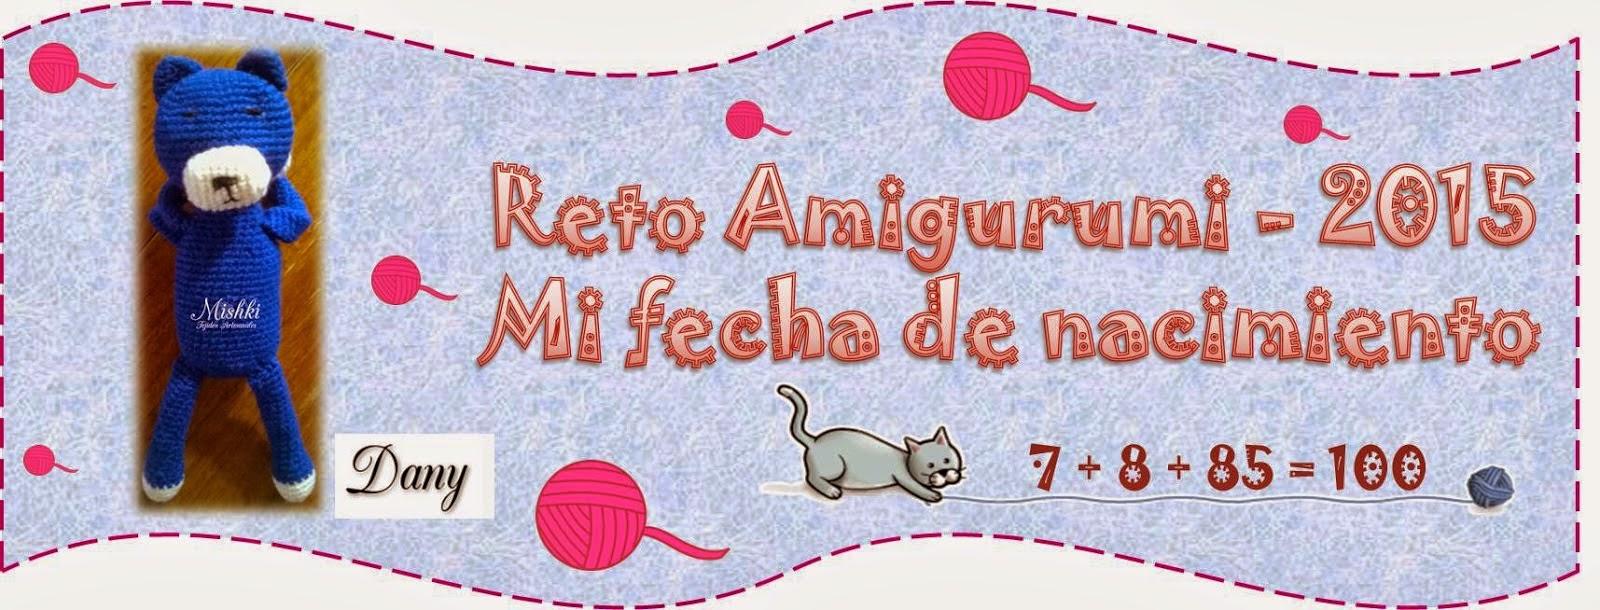 http://taller-creativobordadosymanualidades.blogspot.com/2015/02/y-vuelvo-los-amigurumis.html